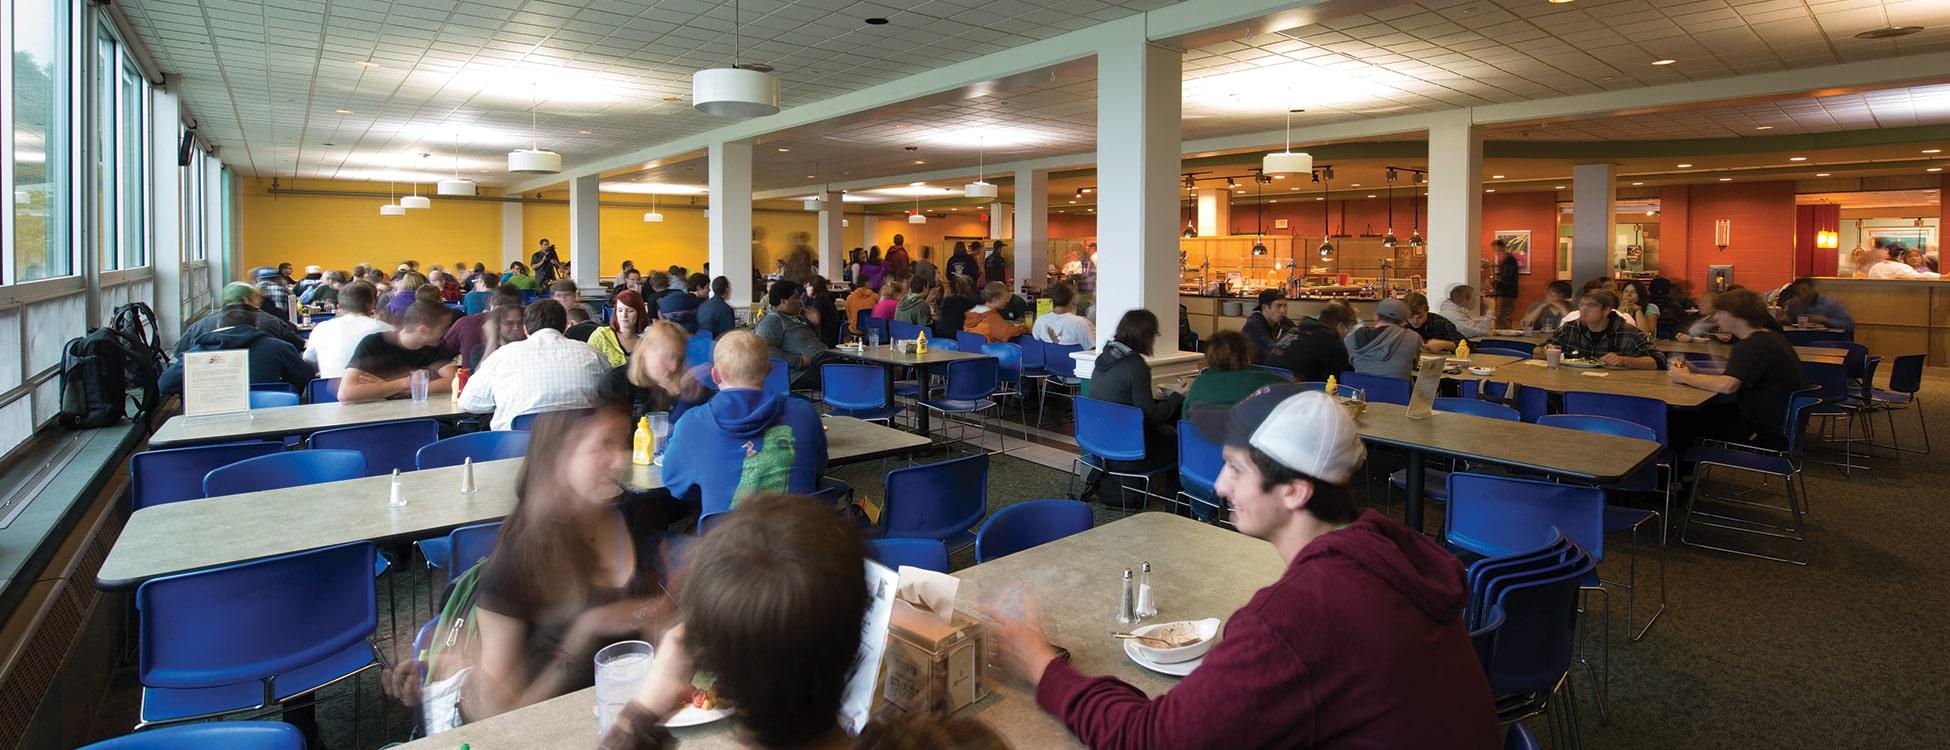 Morey dining hall, Randolph Center campus